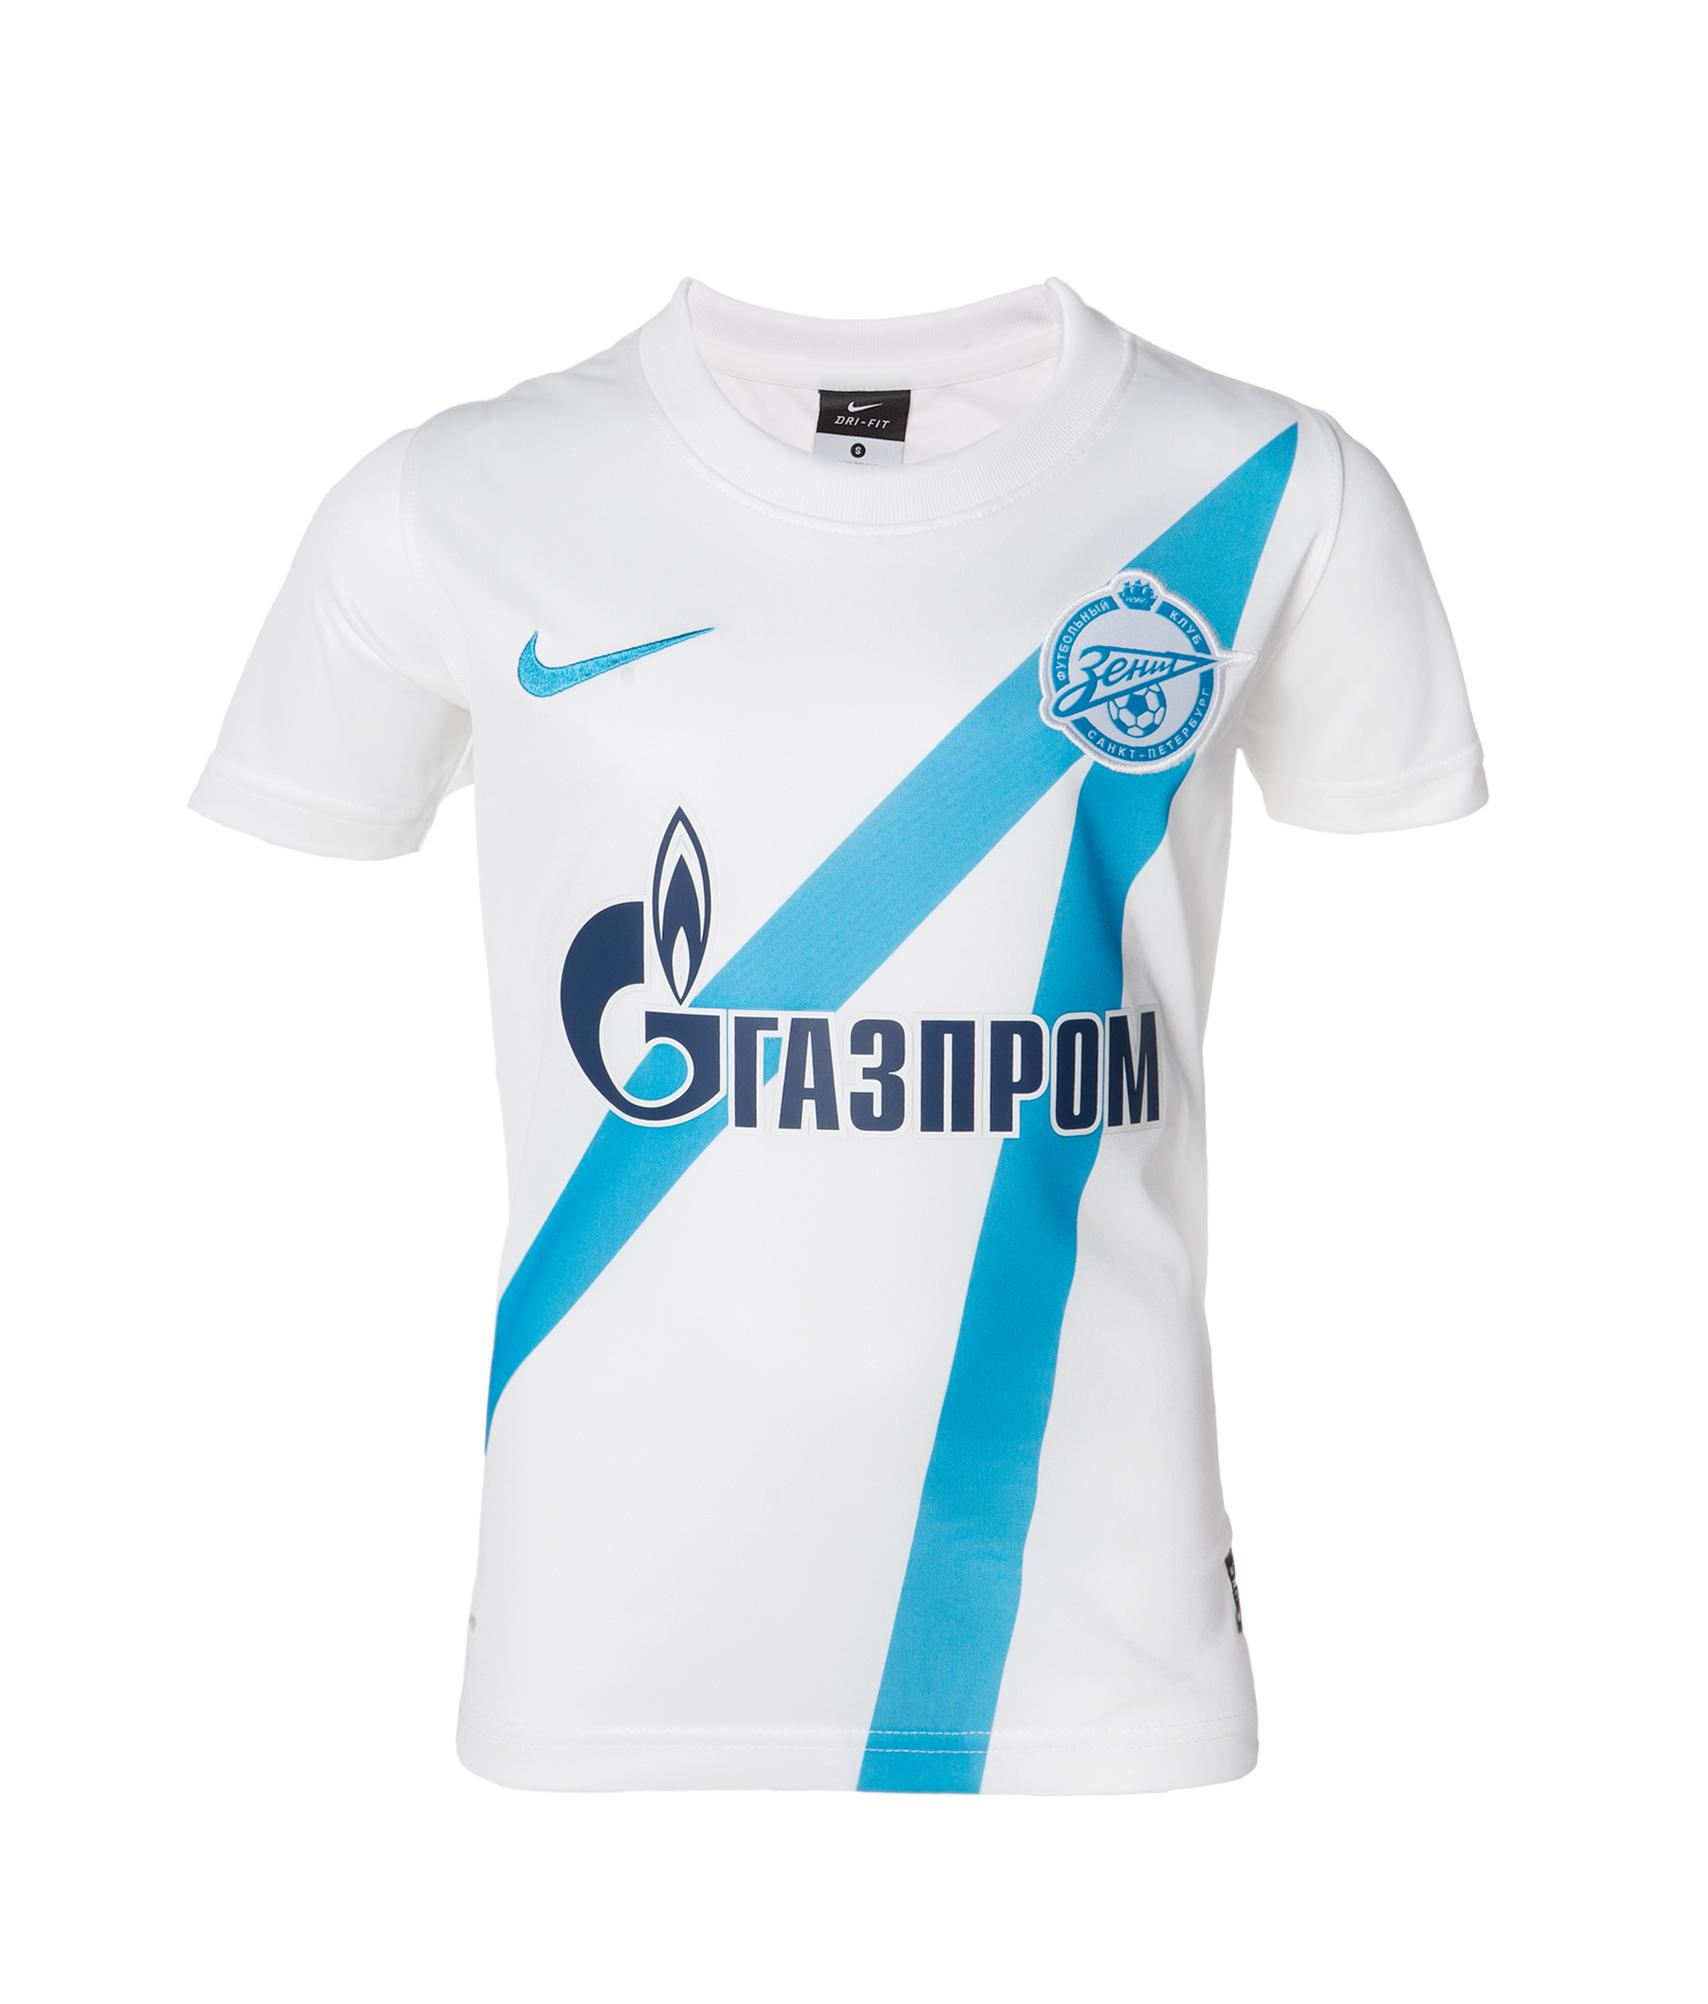 Детская футболка Nike 2012 белая, Цвет-Белый, Размер-XS